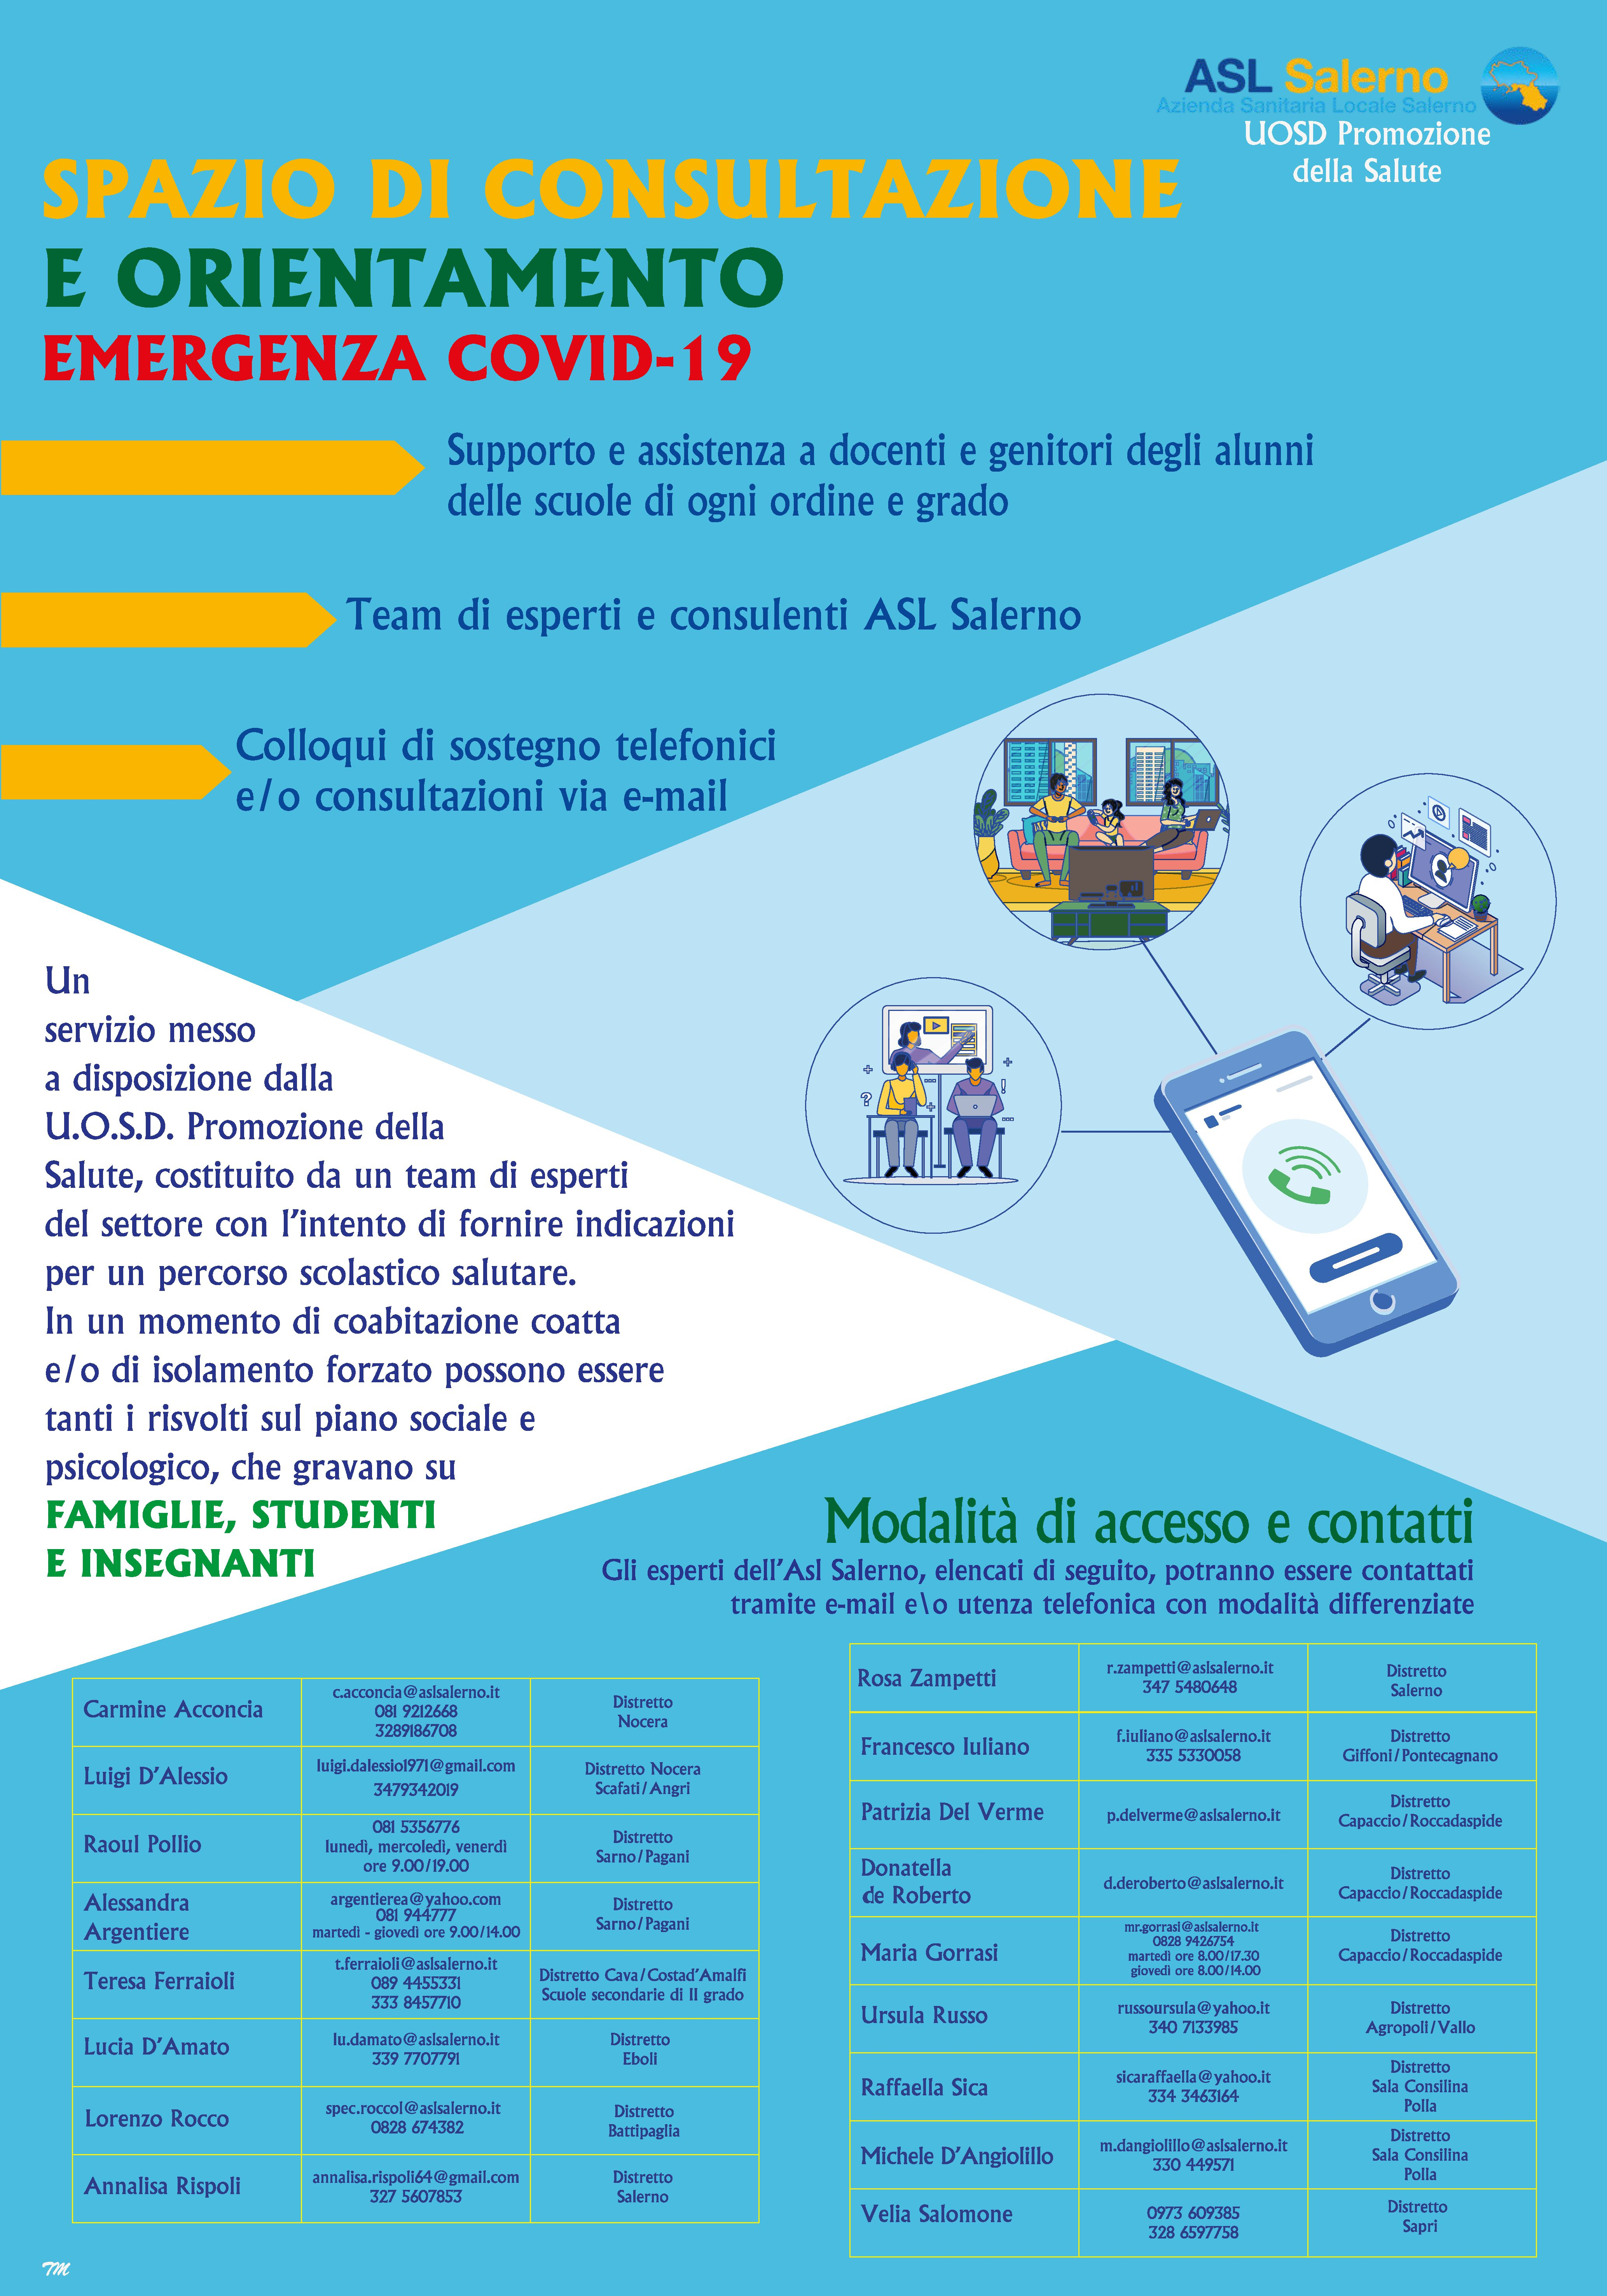 Locandina_Spazio_orientamento_e_consultazione